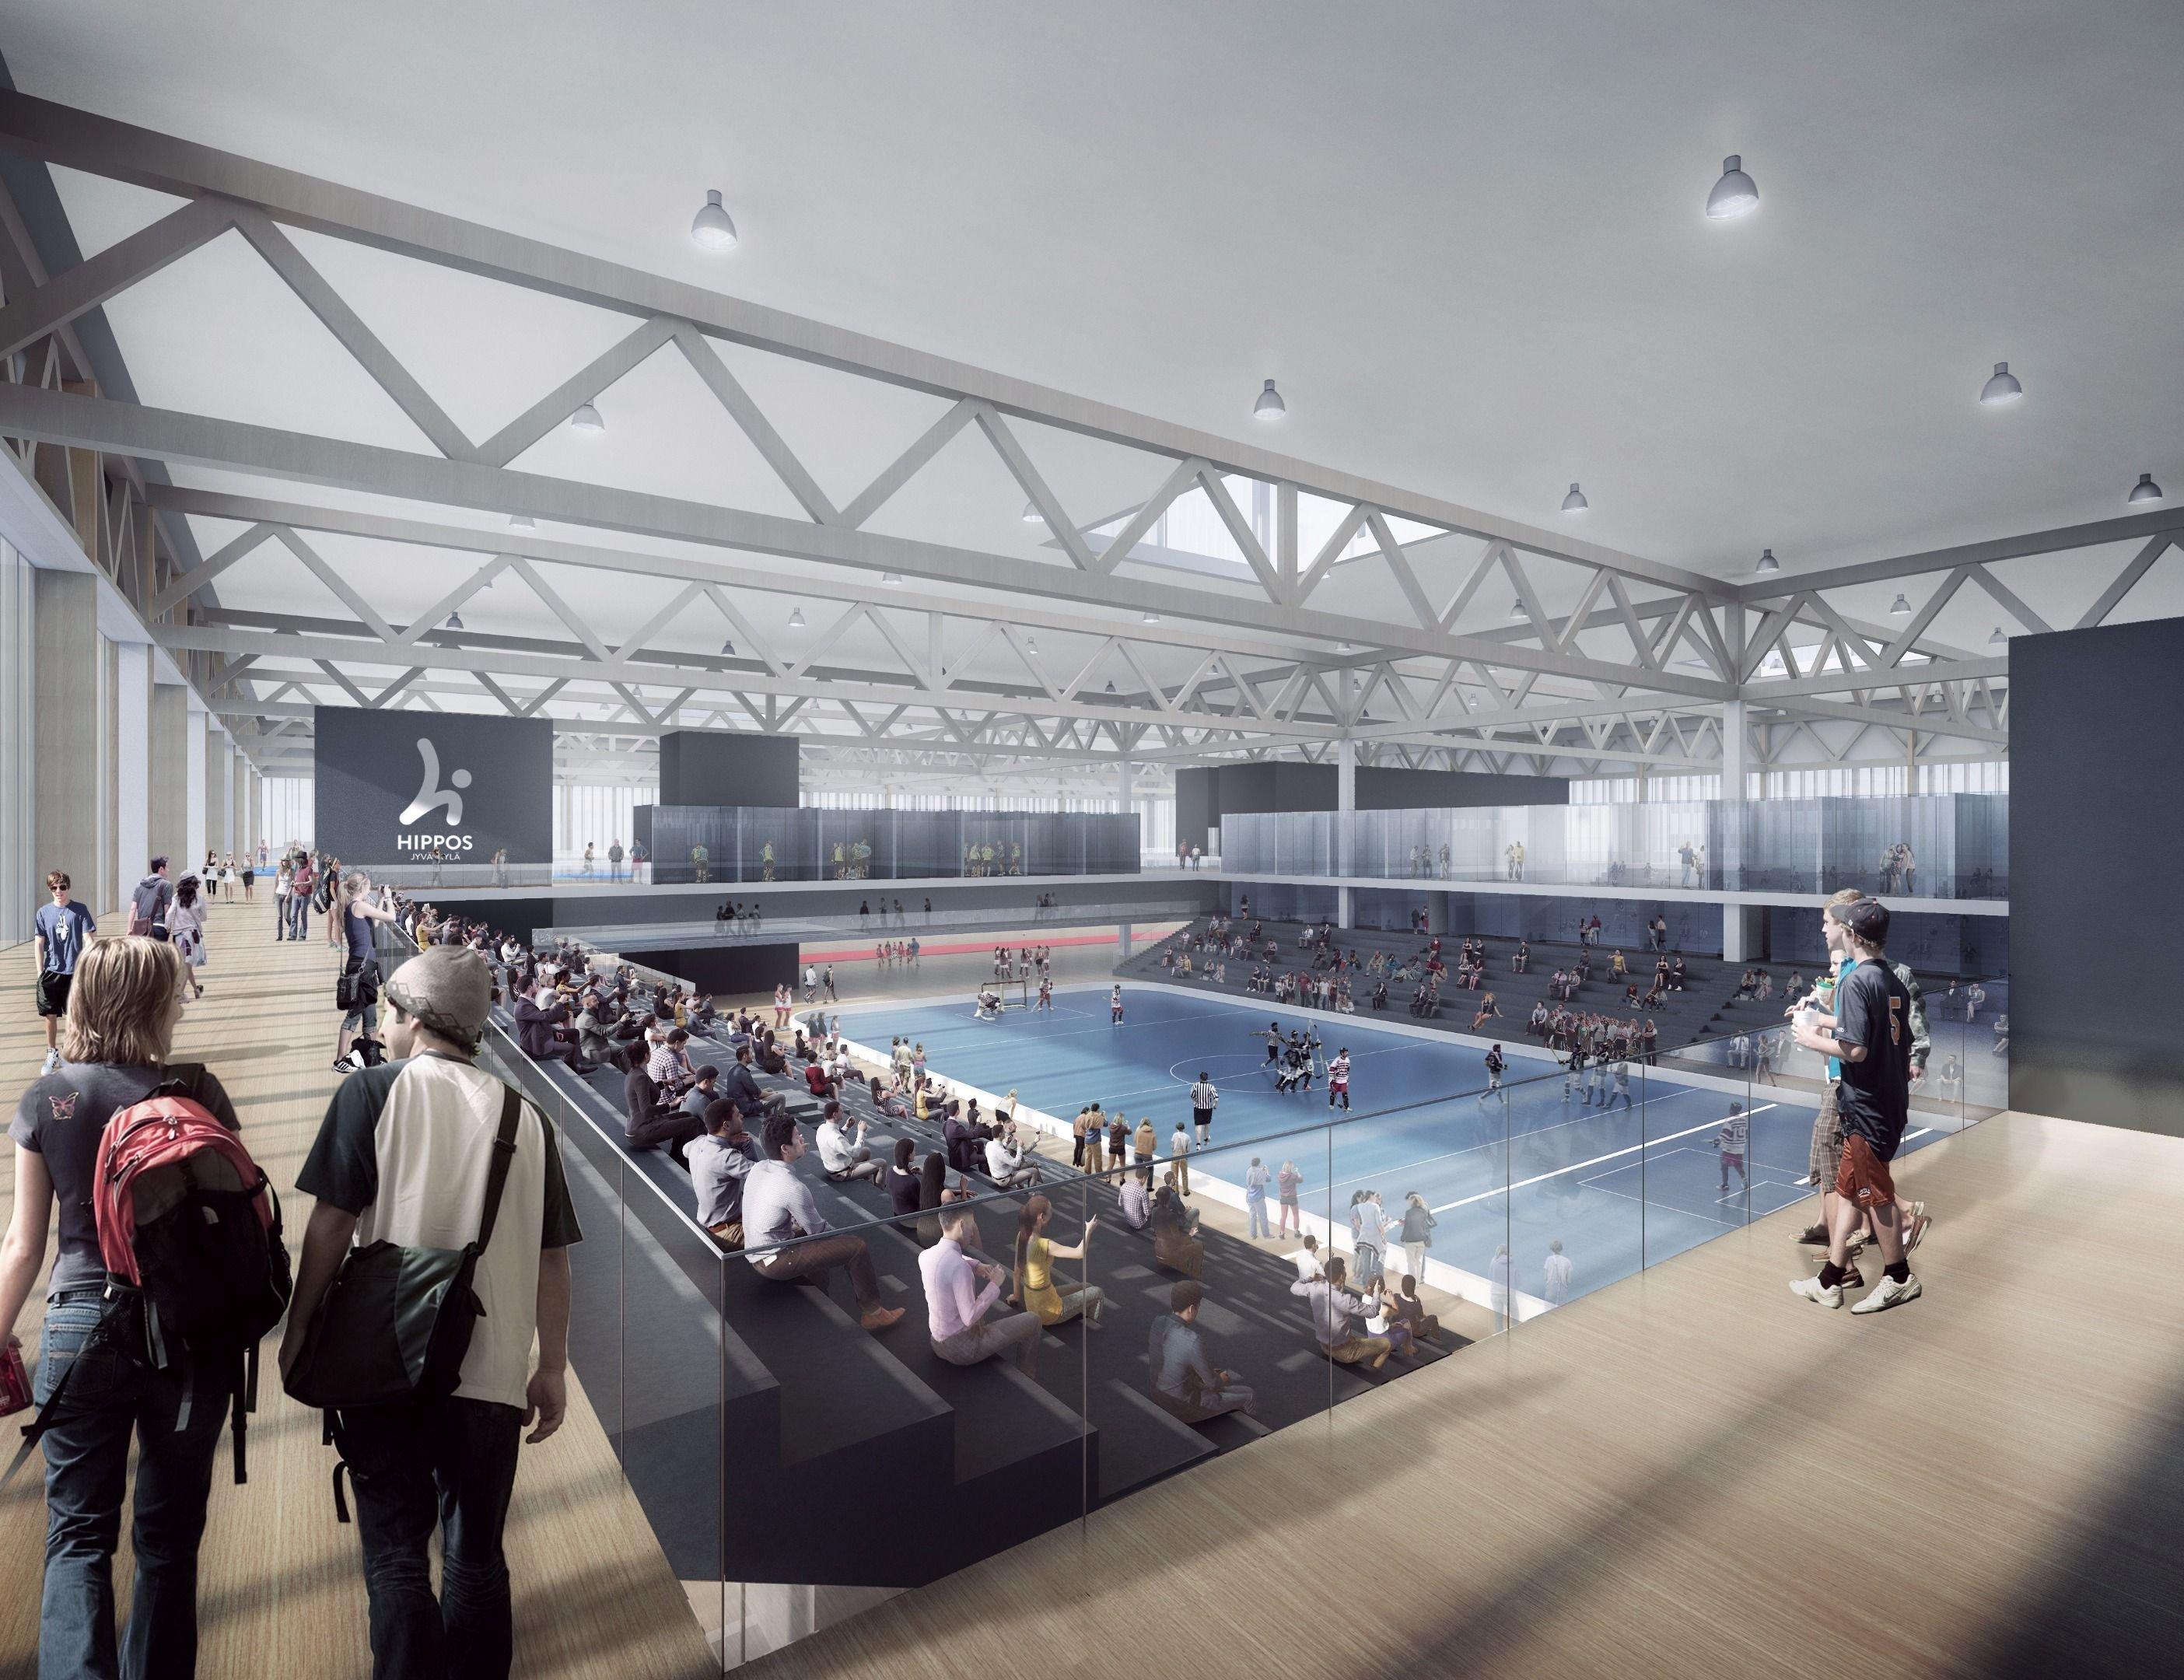 Olympiakomitea nosti Hippos2020-hankkeen tärkeimpien liikuntapaikkahankkeiden kärkijoukkoon